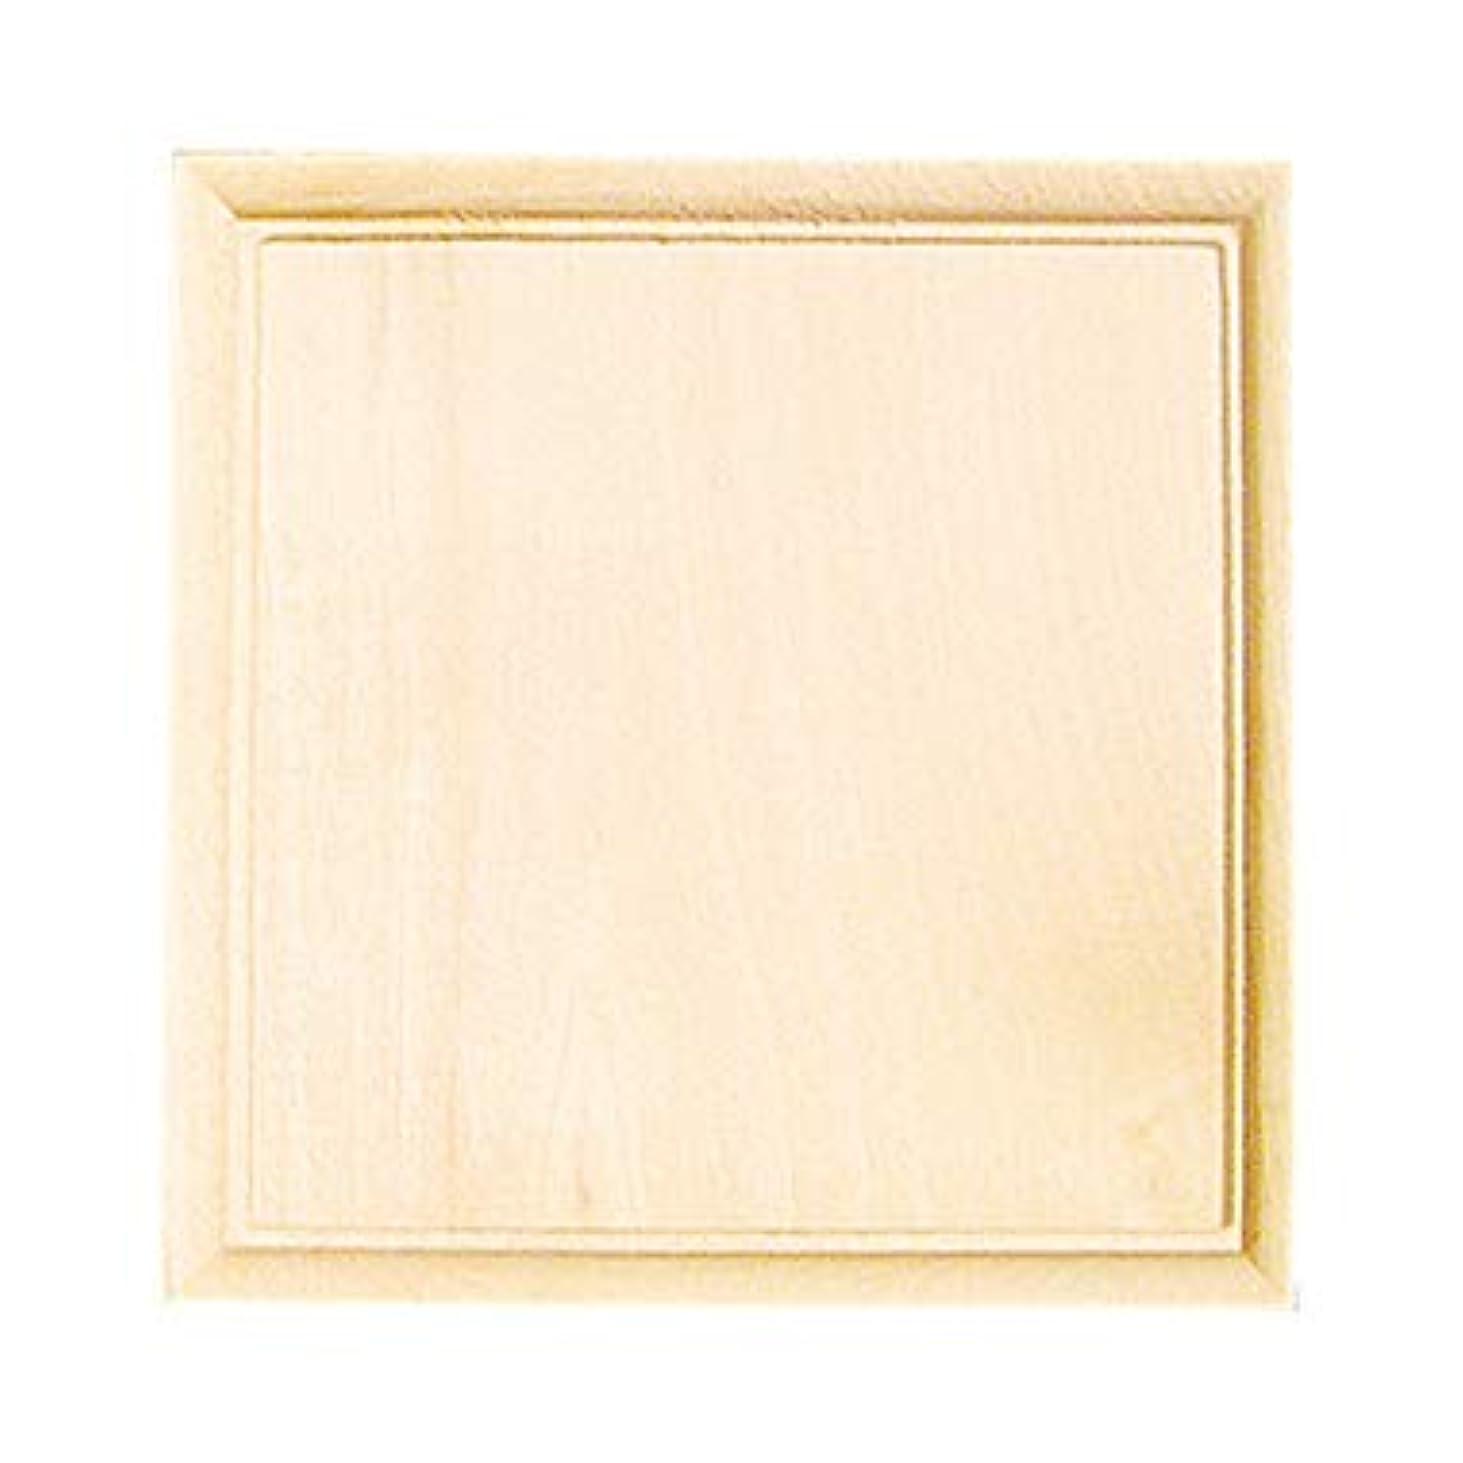 赤外線可決式アシーナ Wood コーナープラーク(M) 15003282